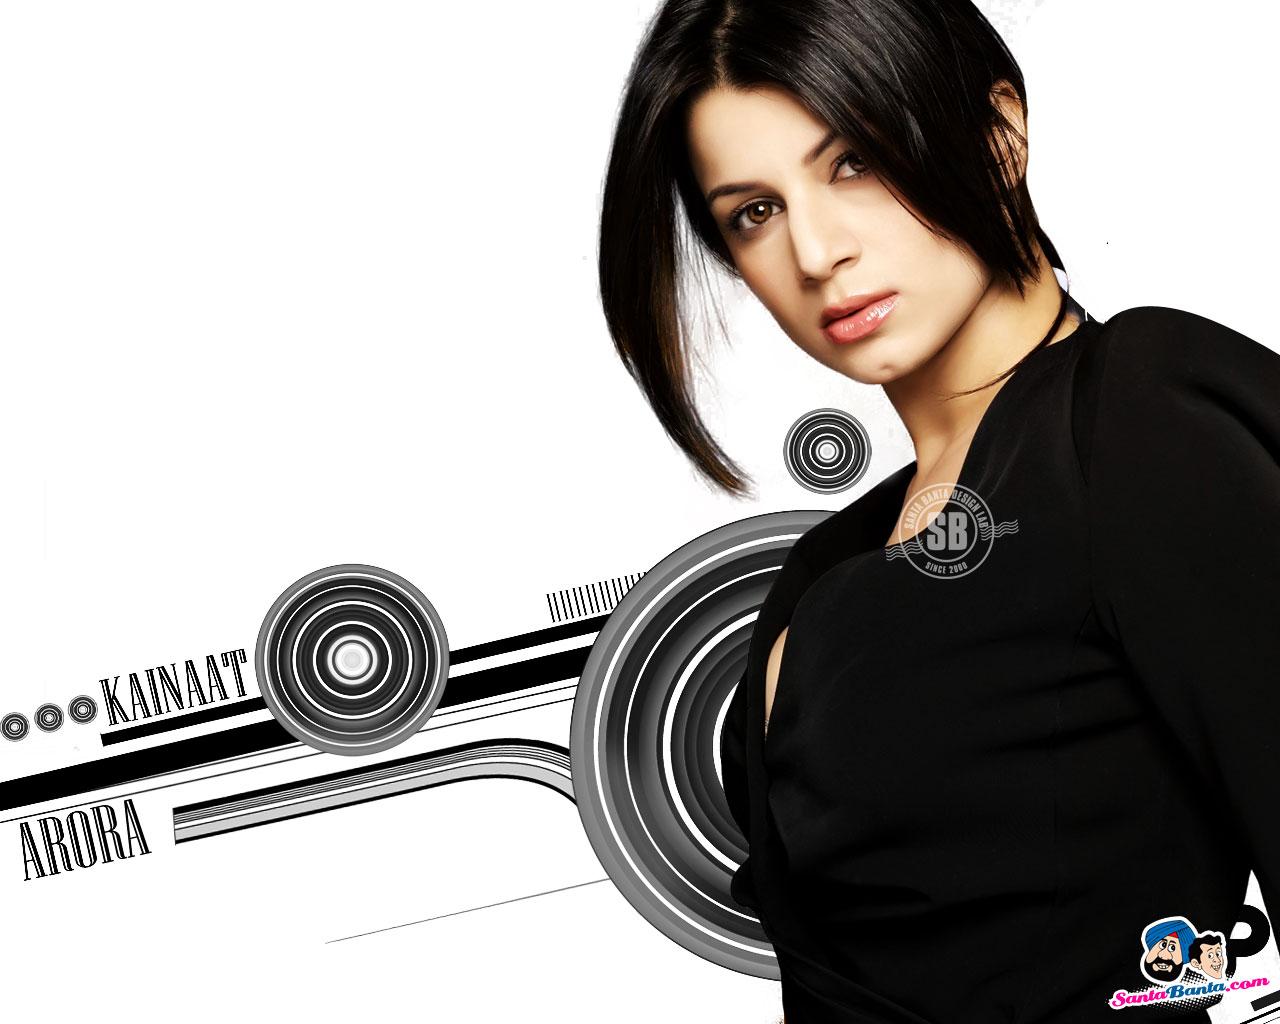 hot actress pics: kainaat arora